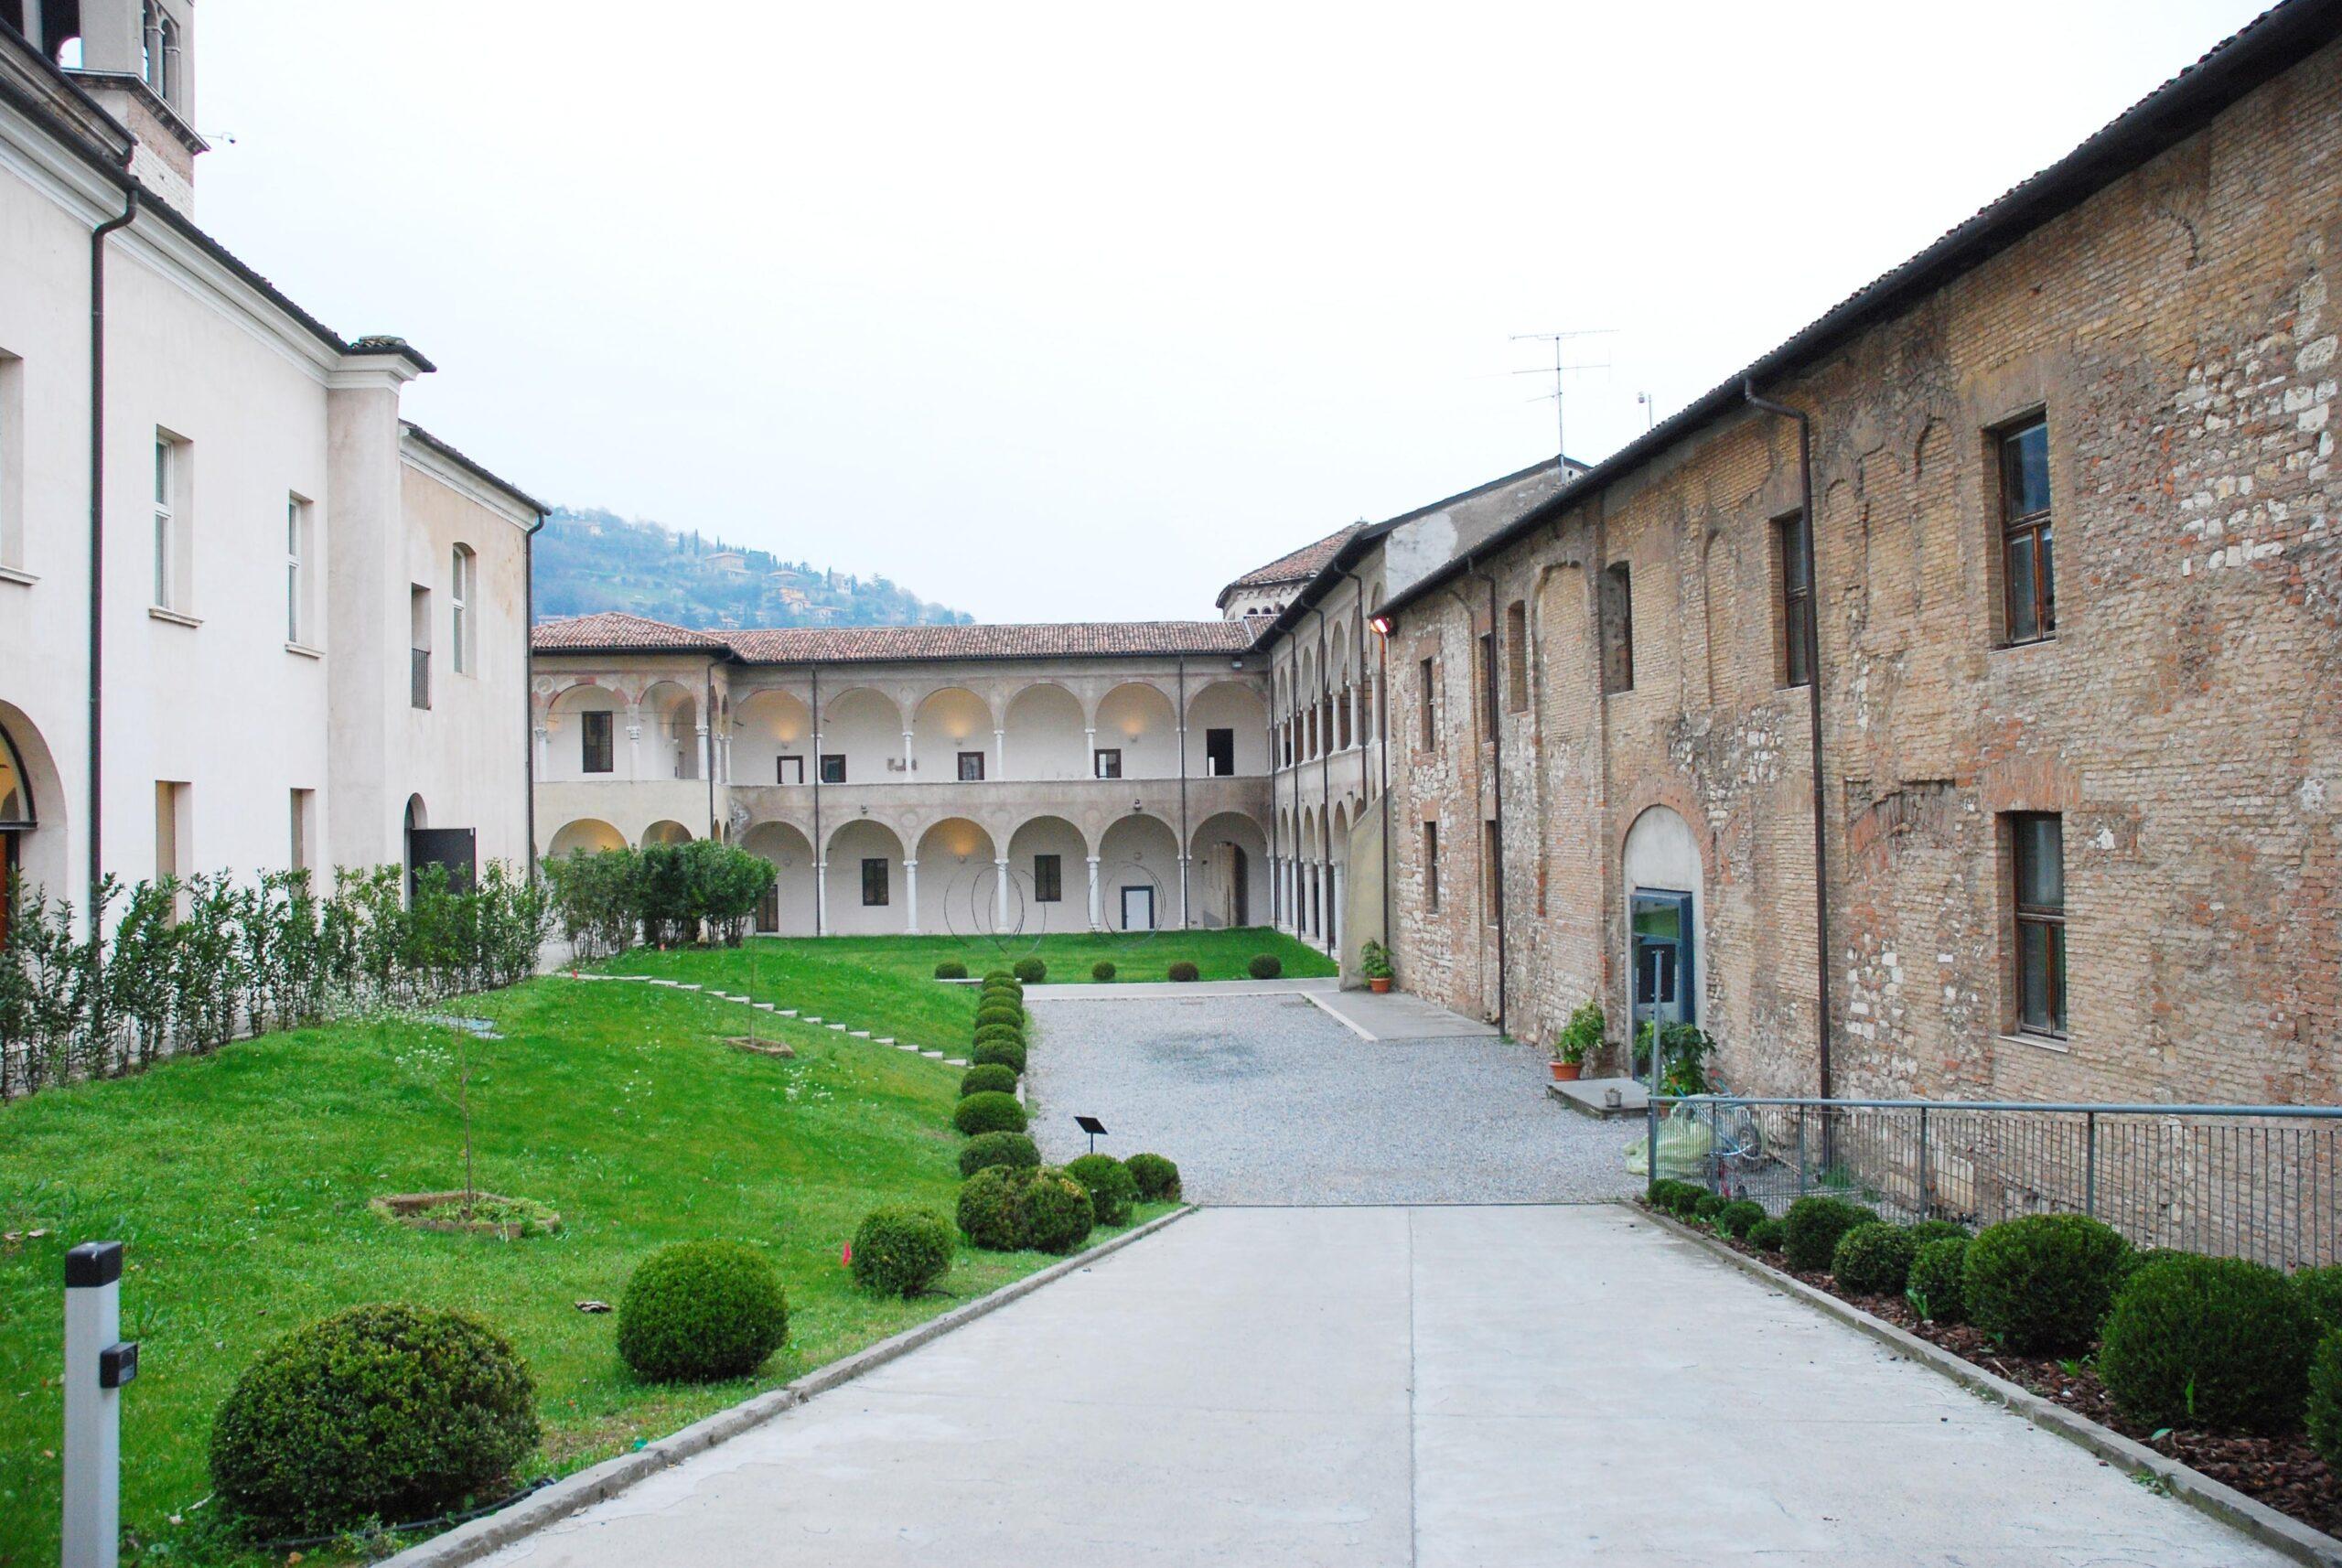 Il Museo di Santa Giulia, spazi aperti interni - foto Eden